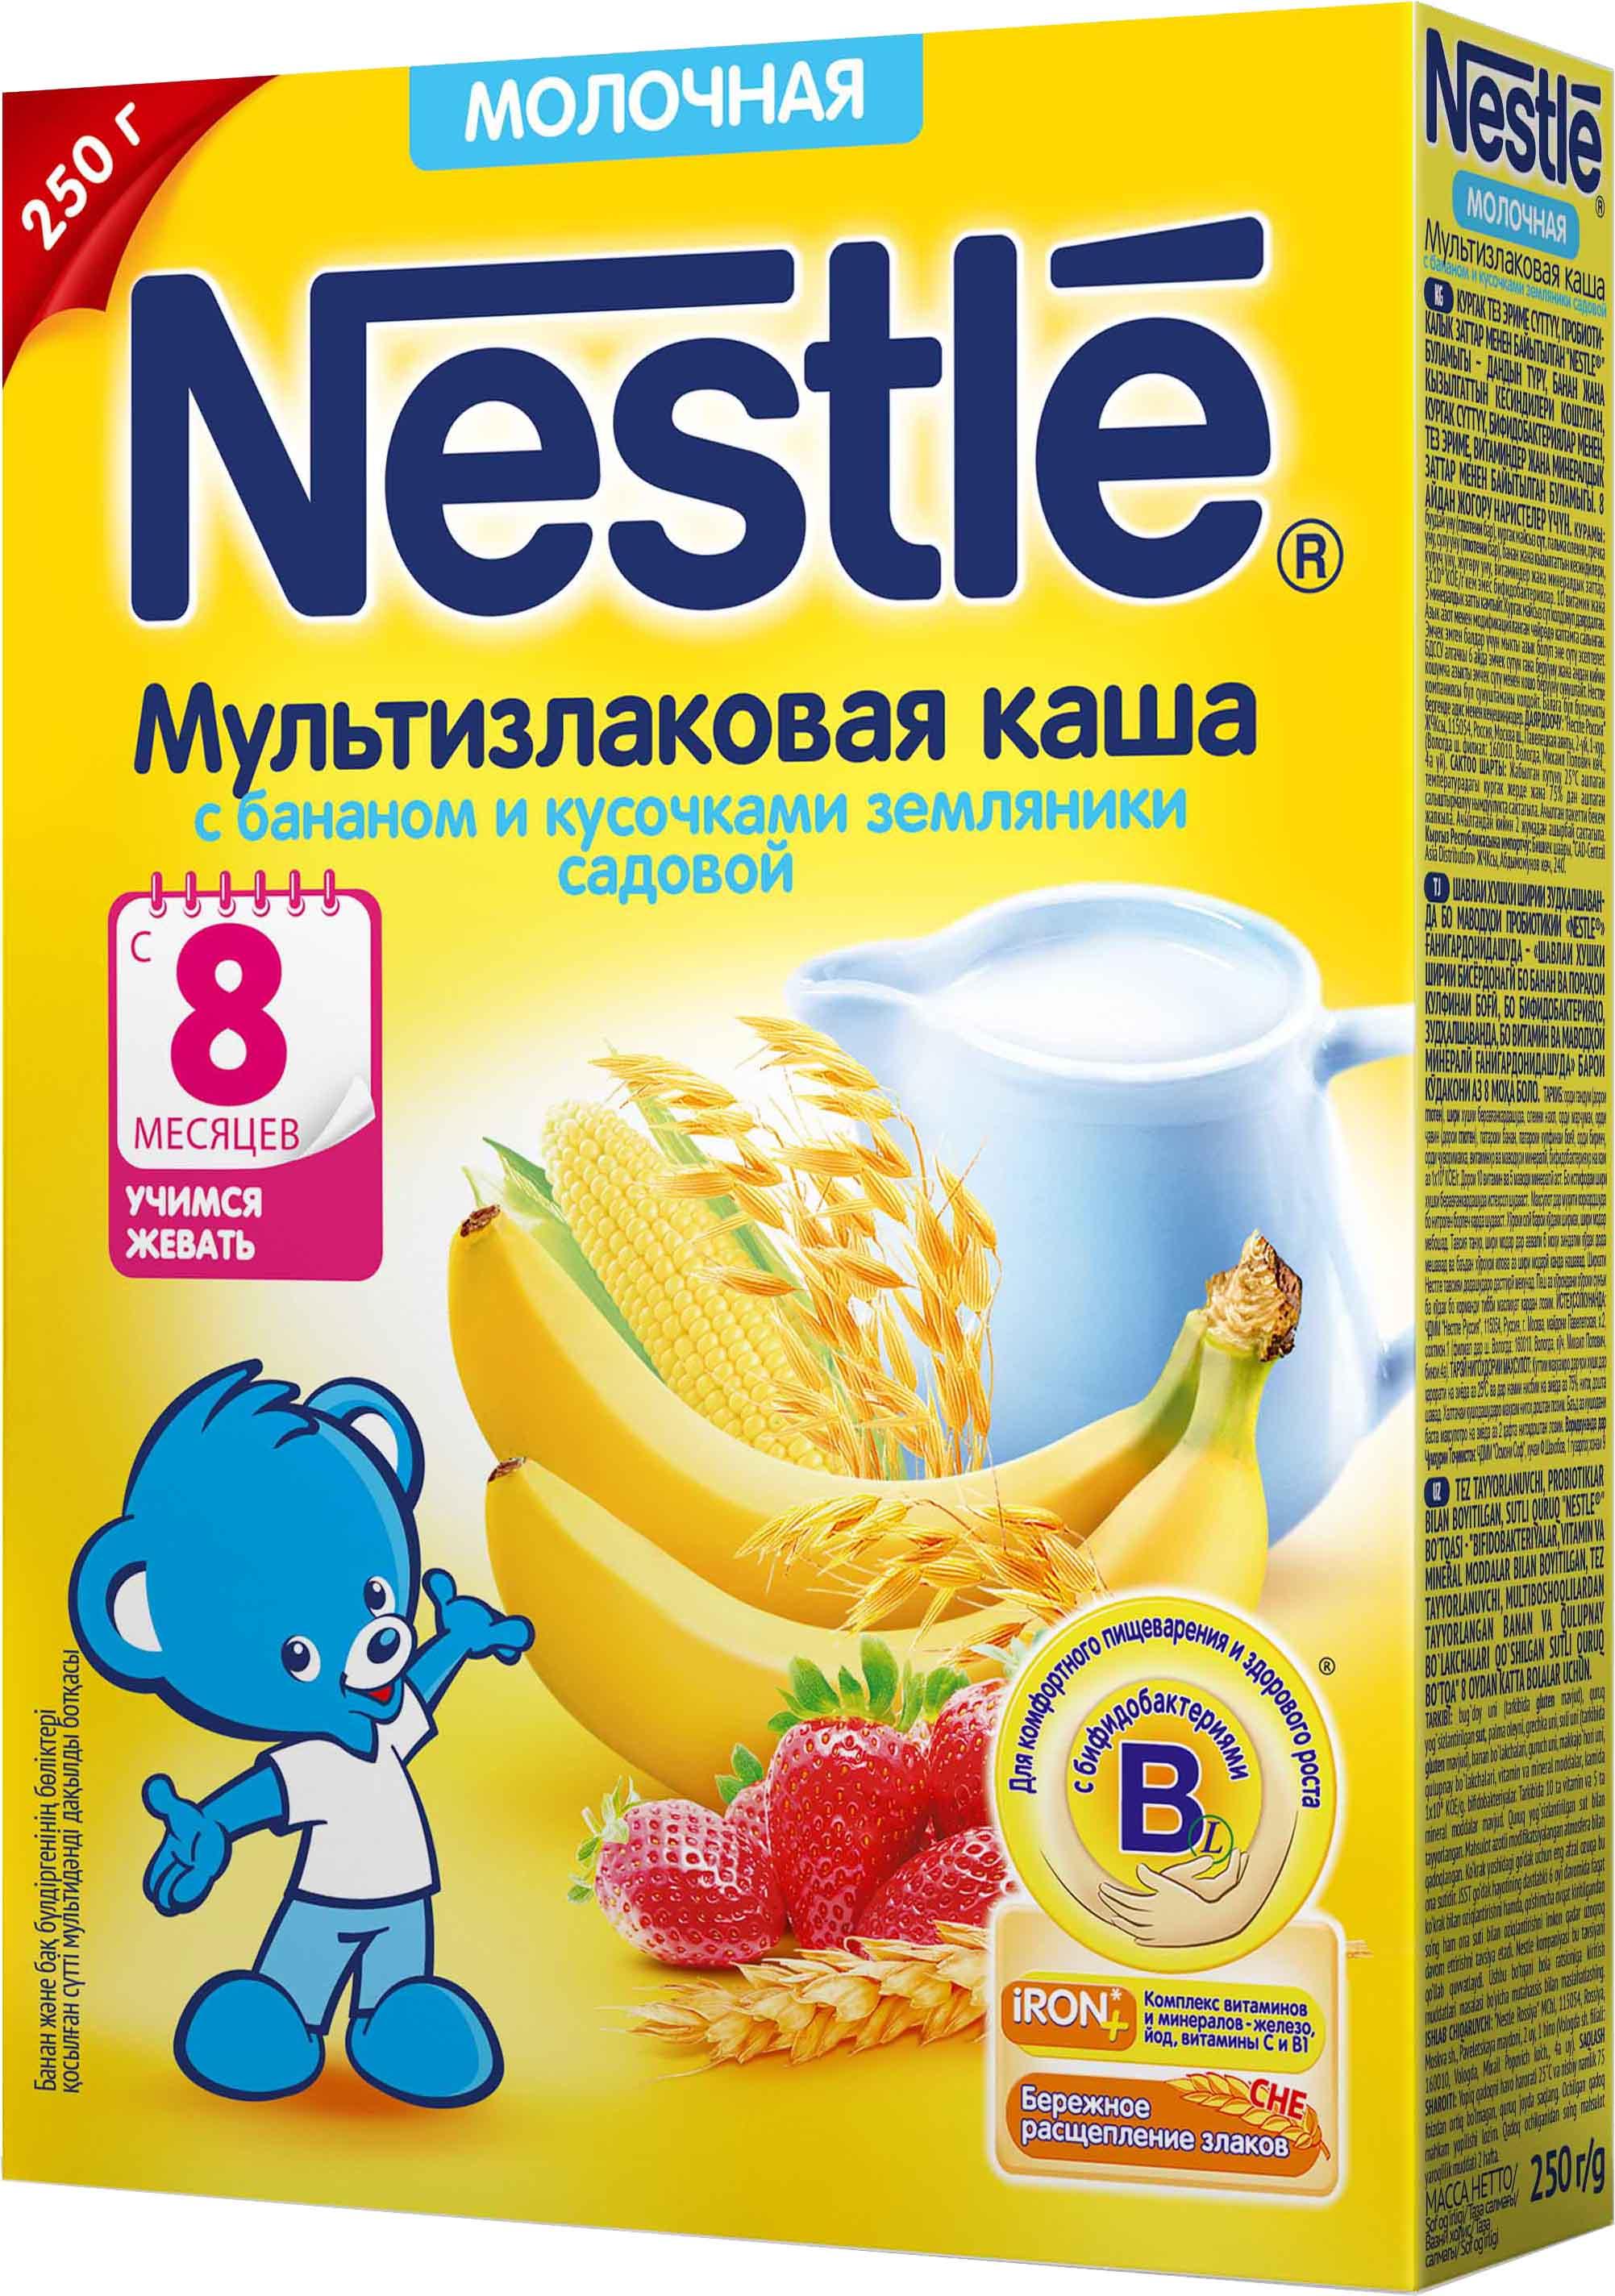 Каши Nestle Каша Nestle молочная мультизлаковая с бананом и кусочками земляники садовой с 8 мес. 250 г каши nestle каша сухая молочная пшеничная с тыквой с 5 мес 220 г